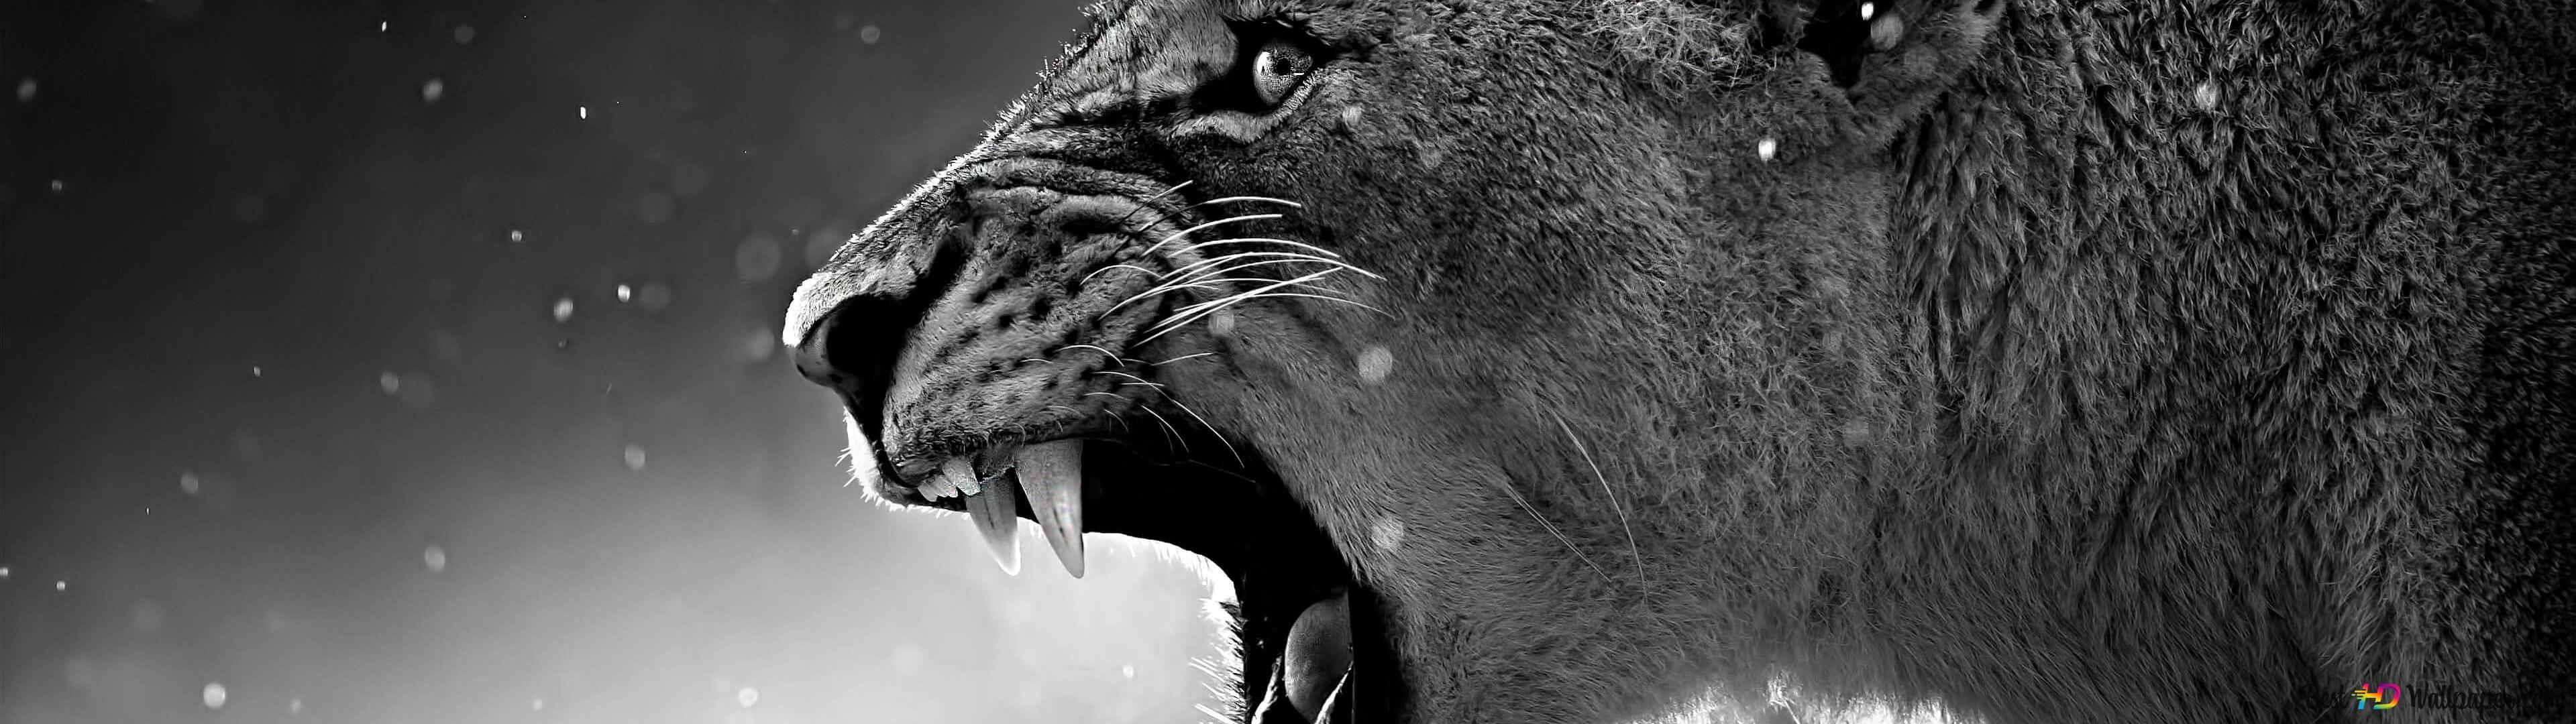 Angry White Lion Hd Wallpaper Vinny Oleo Vegetal Info